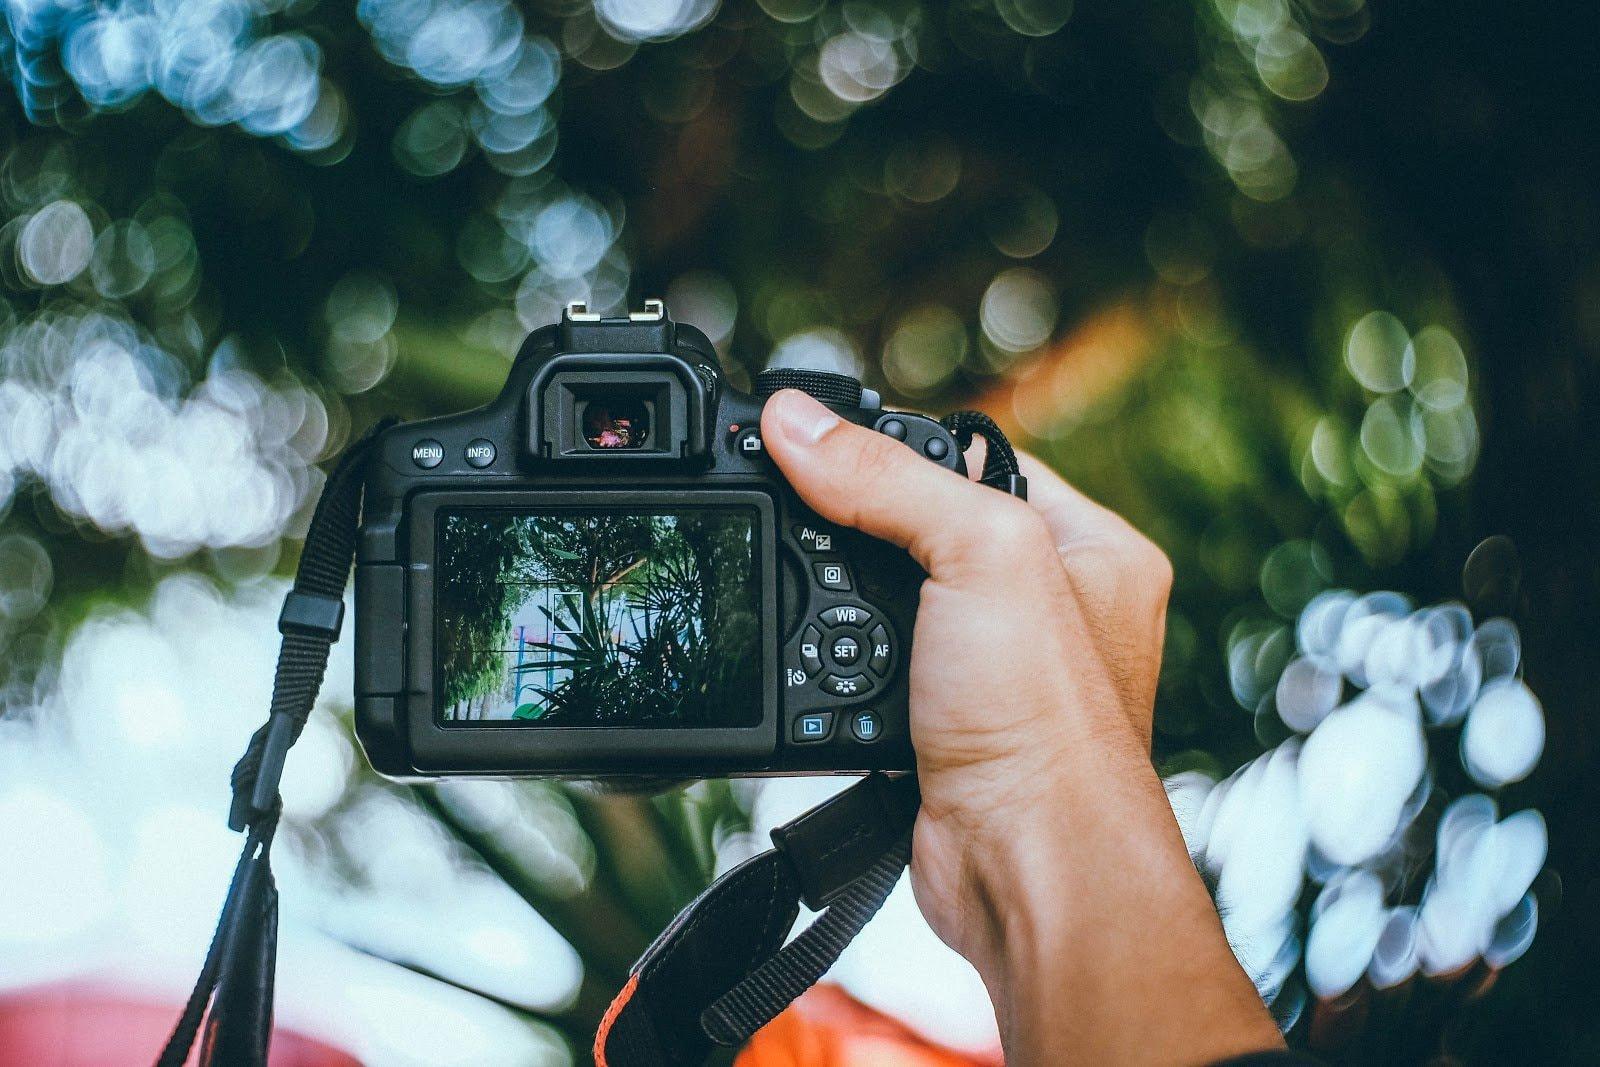 Trees seen through a camera display photo by Kawin Harasai